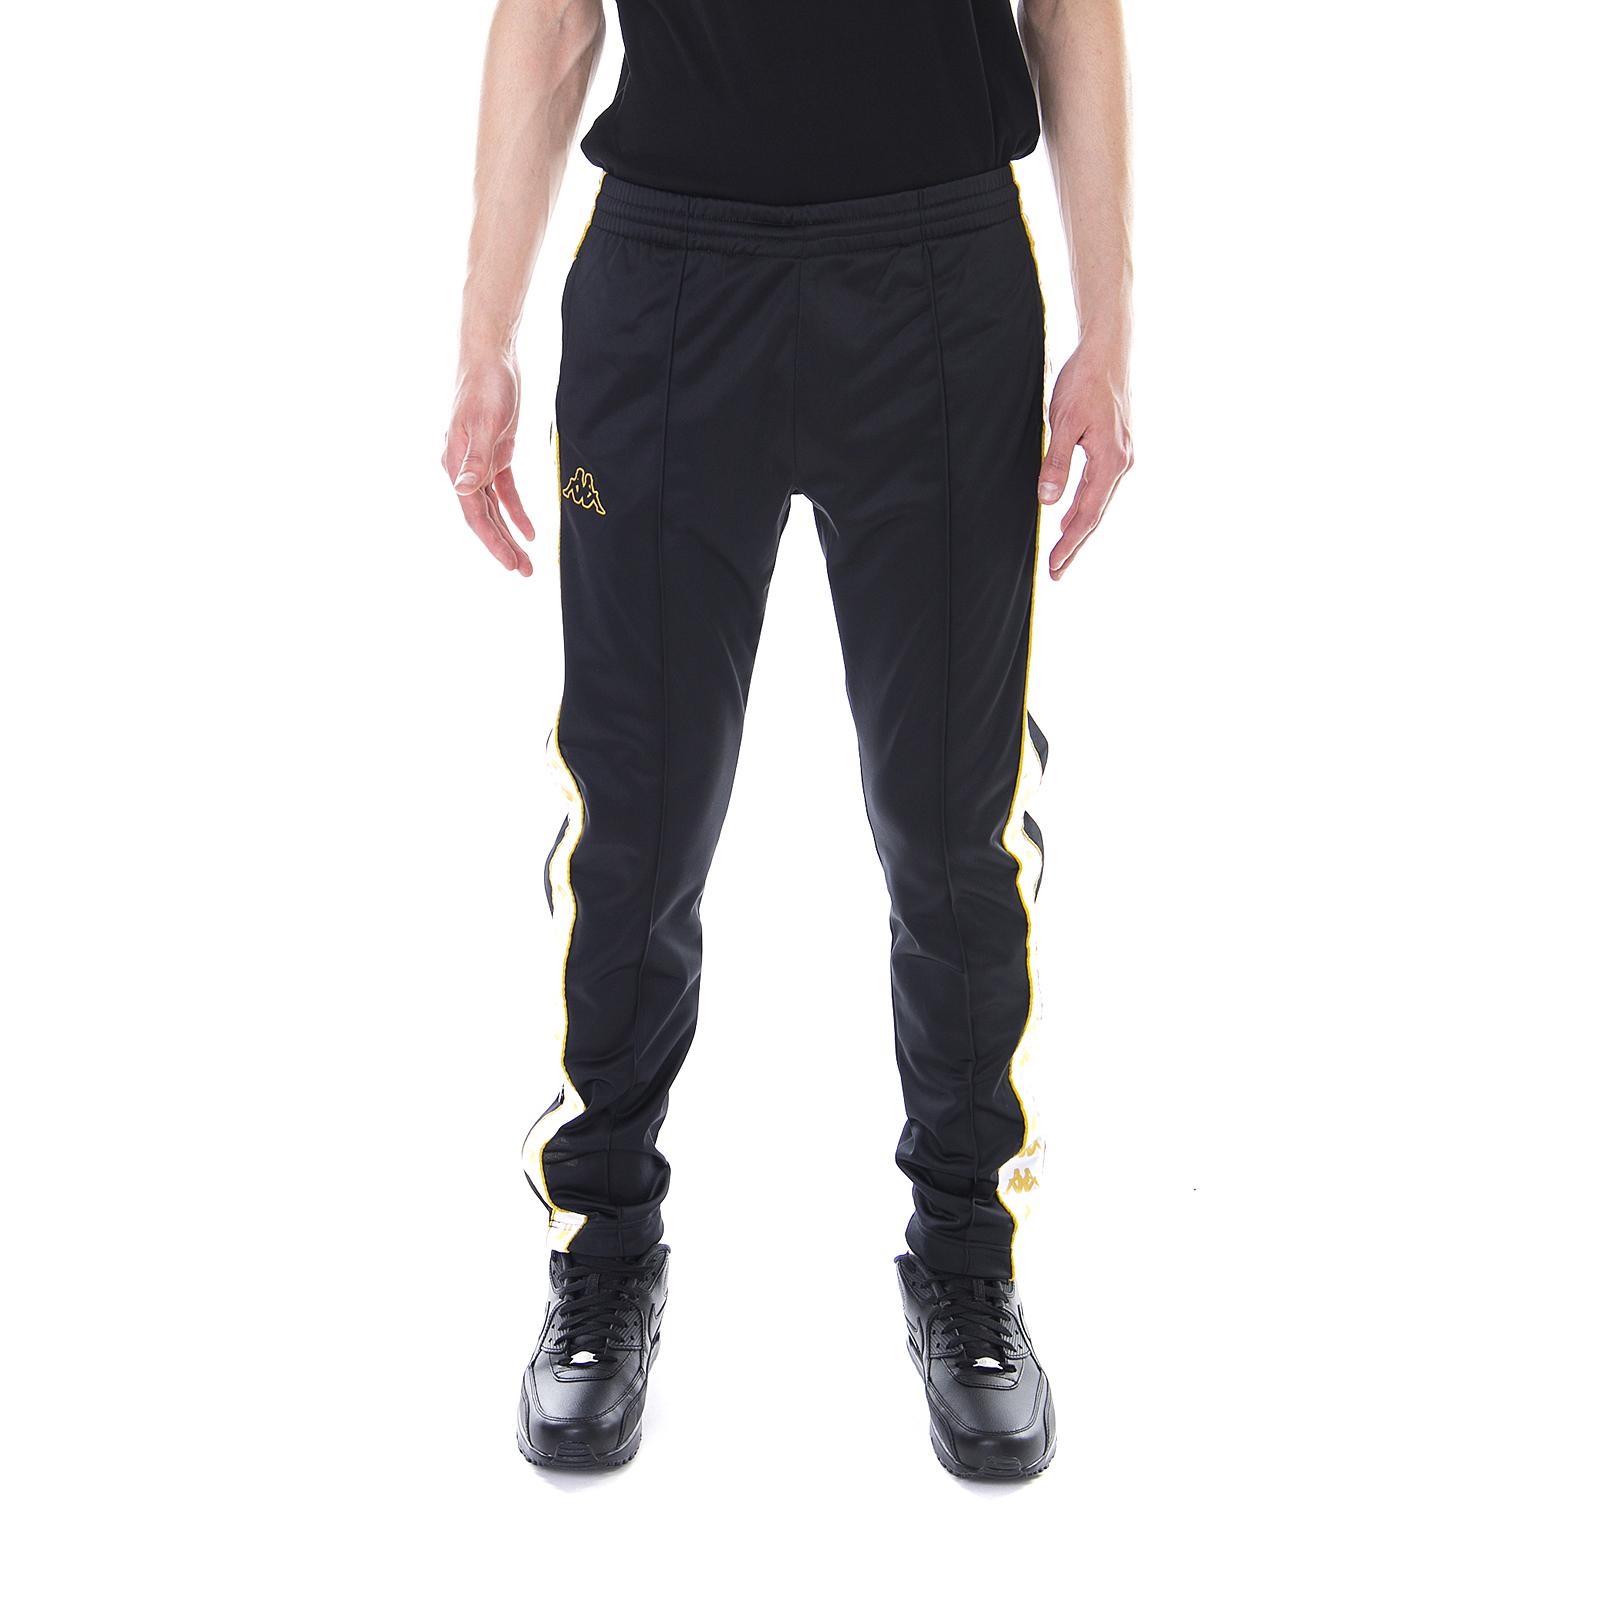 Kappa-Pantaloni-222-Banda-Astoria-Snaps-Slim-Black-White-Gold-Nero miniatura 2